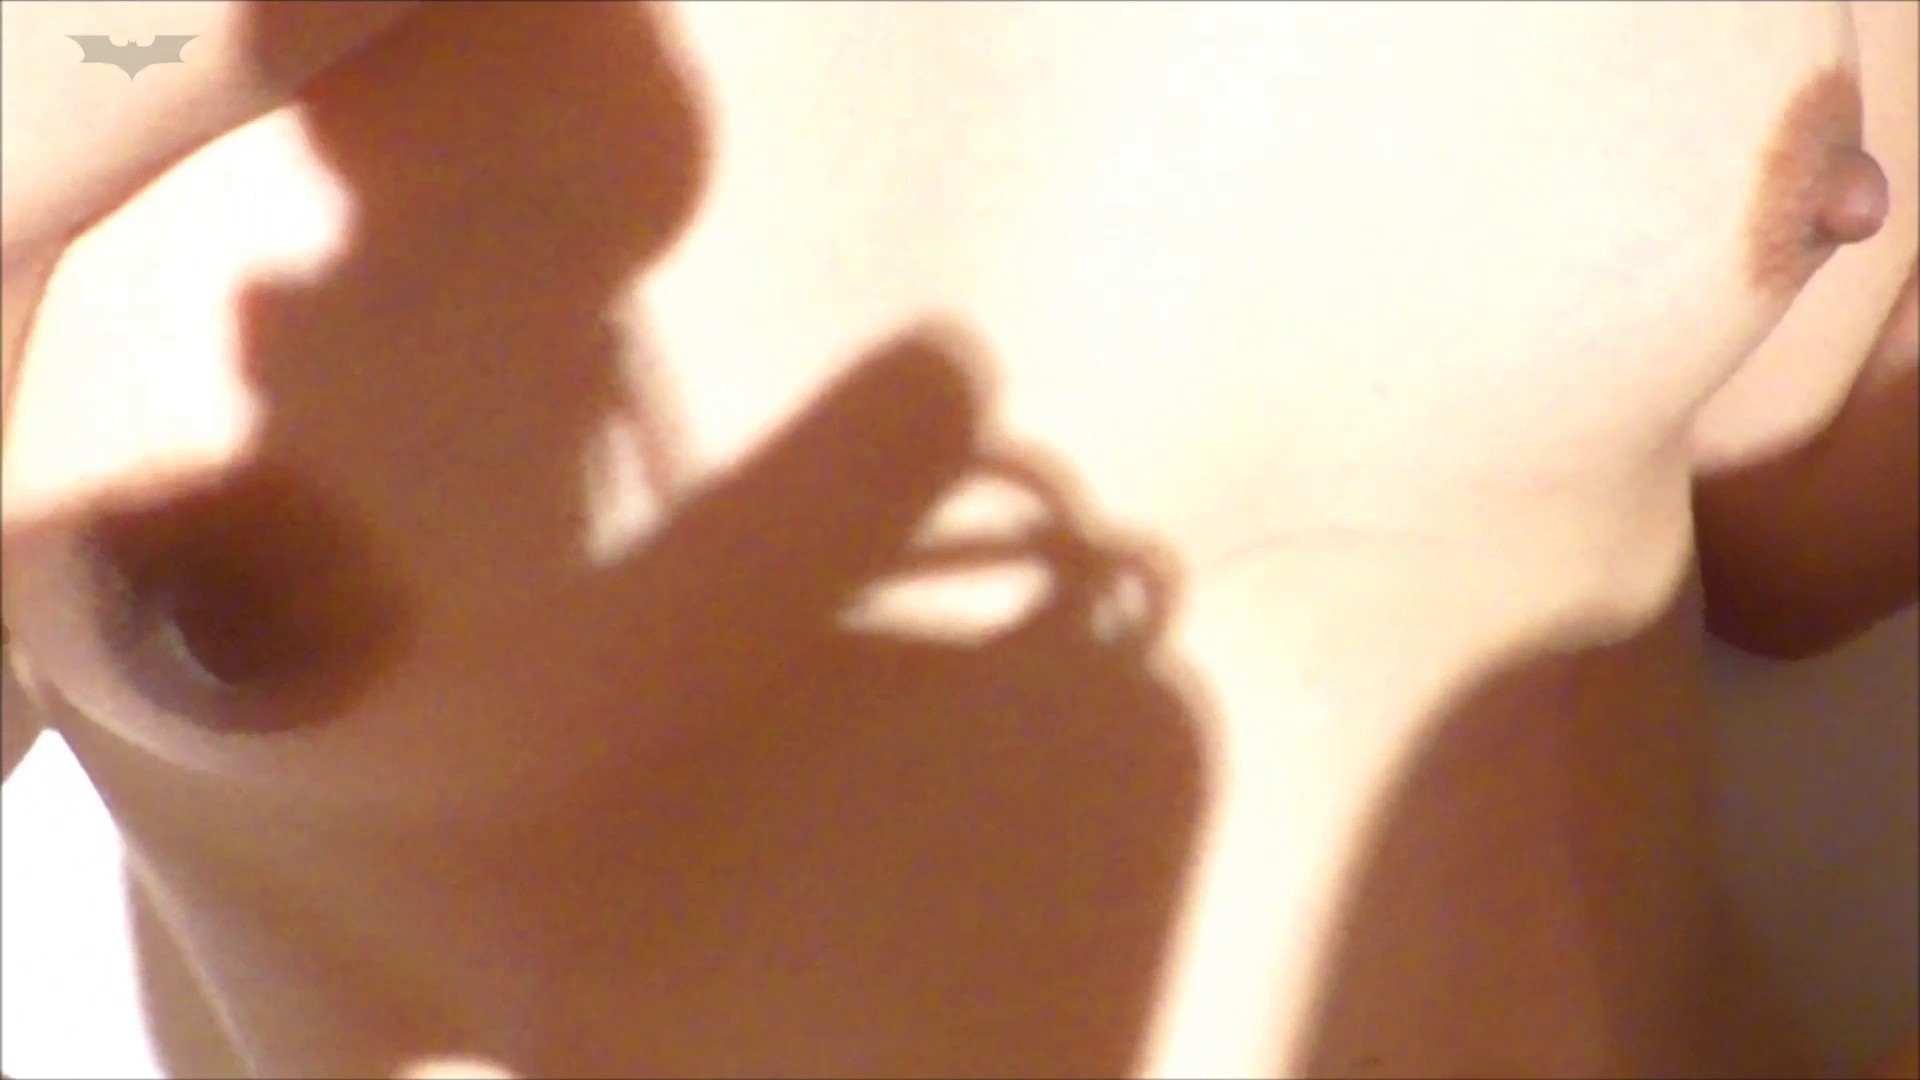 内緒でデリヘル盗撮 Vol.03中編 美肌、美人のデリ嬢にいよいよ挿入! 女体盗撮 盗撮セックス無修正動画無料 91連発 83